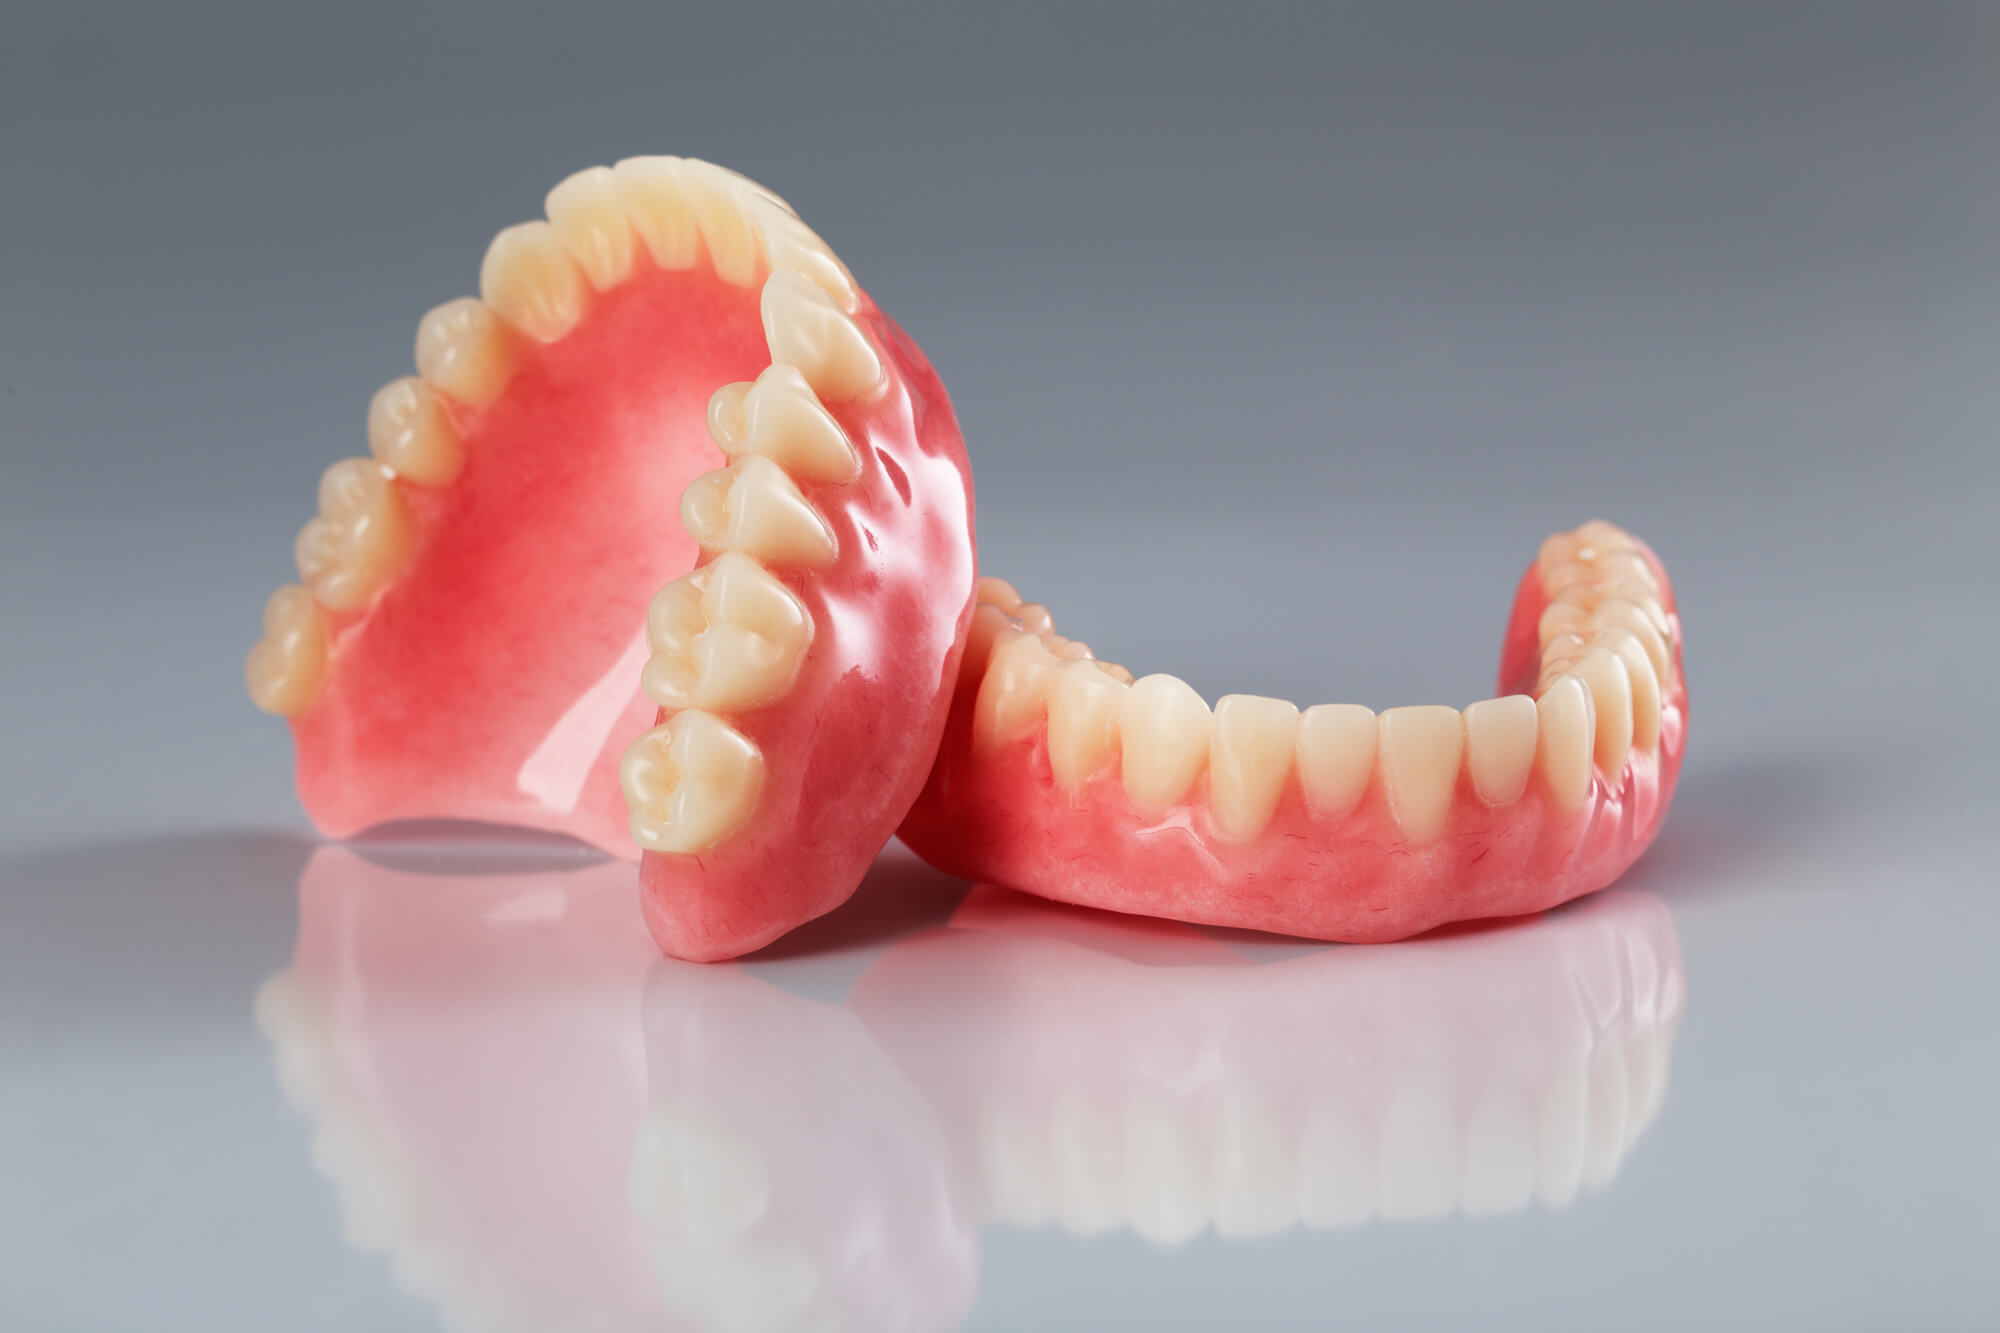 dentures-services